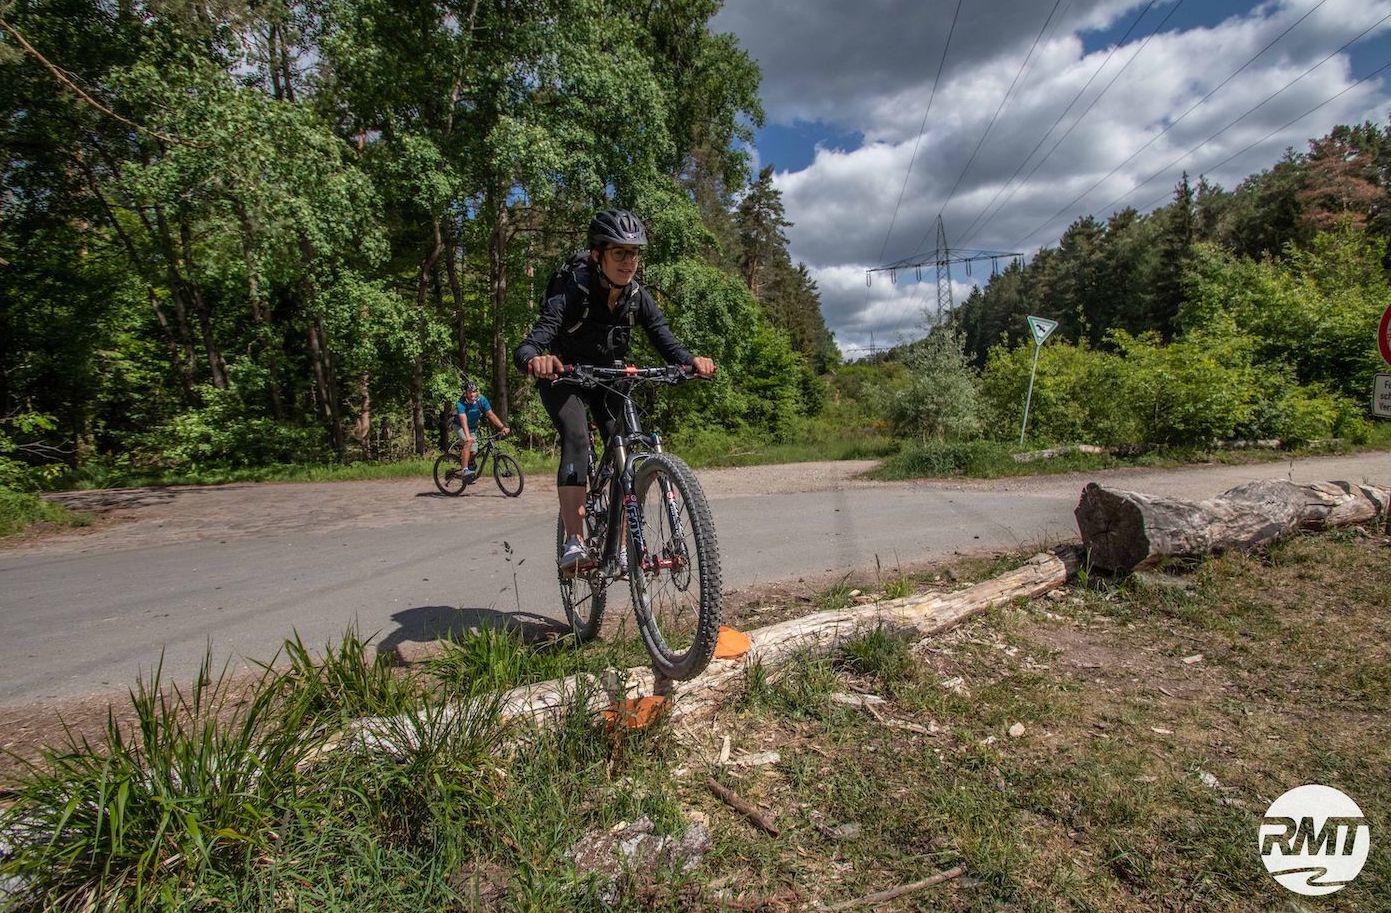 MTB Fahrtechnik Kurs für Einsteiger in Frankfurt | Taunus - Mountainbike Basic - Rock my Trail Bikeschule